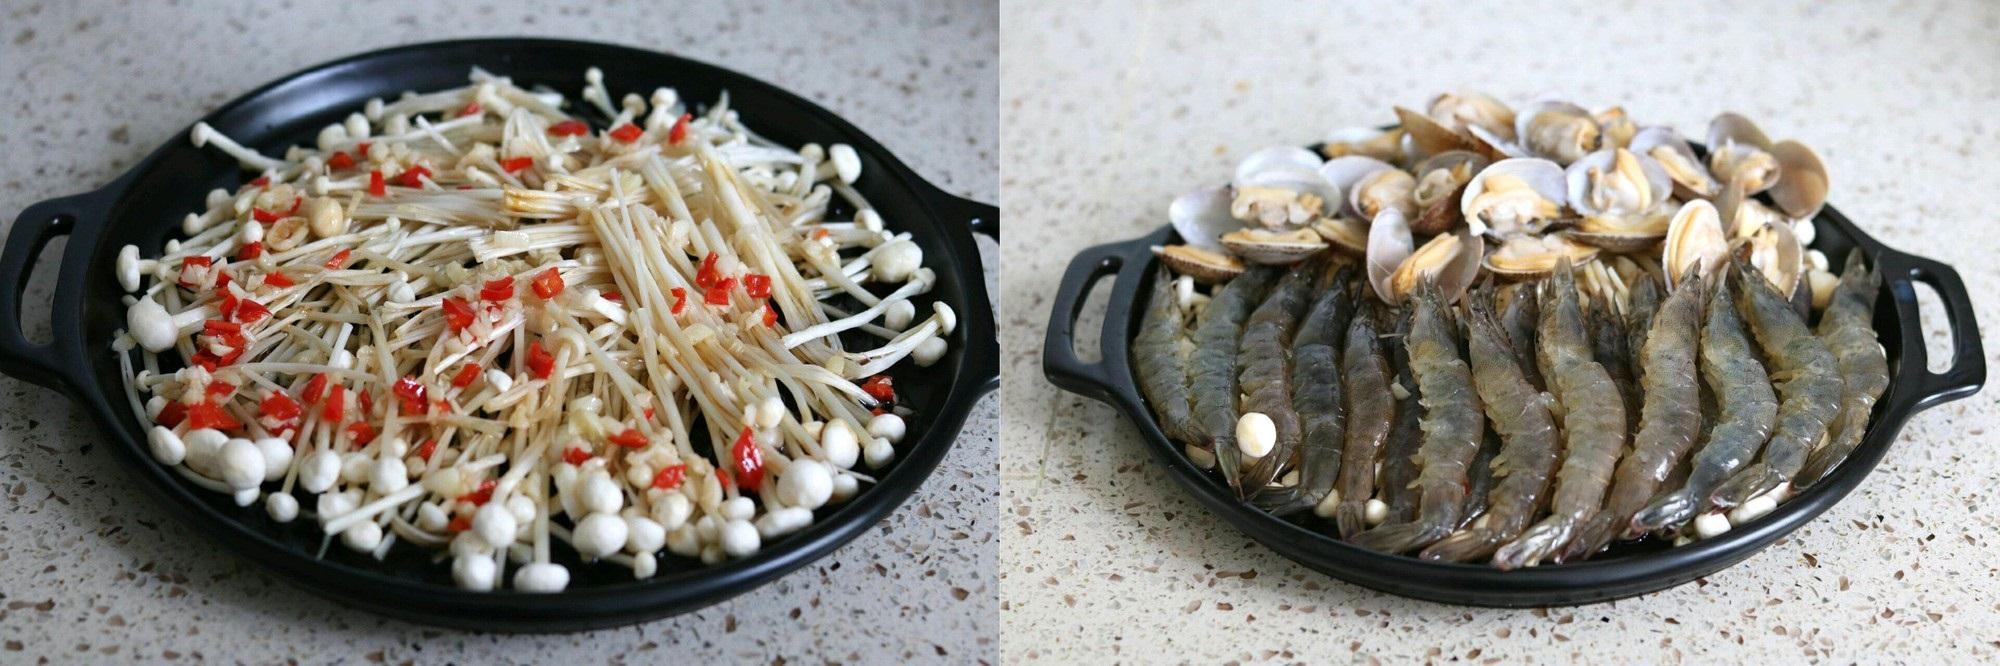 Đổi vị cho cả nhà với món tôm ngao nướng ngon ngất ngây - Ảnh 4